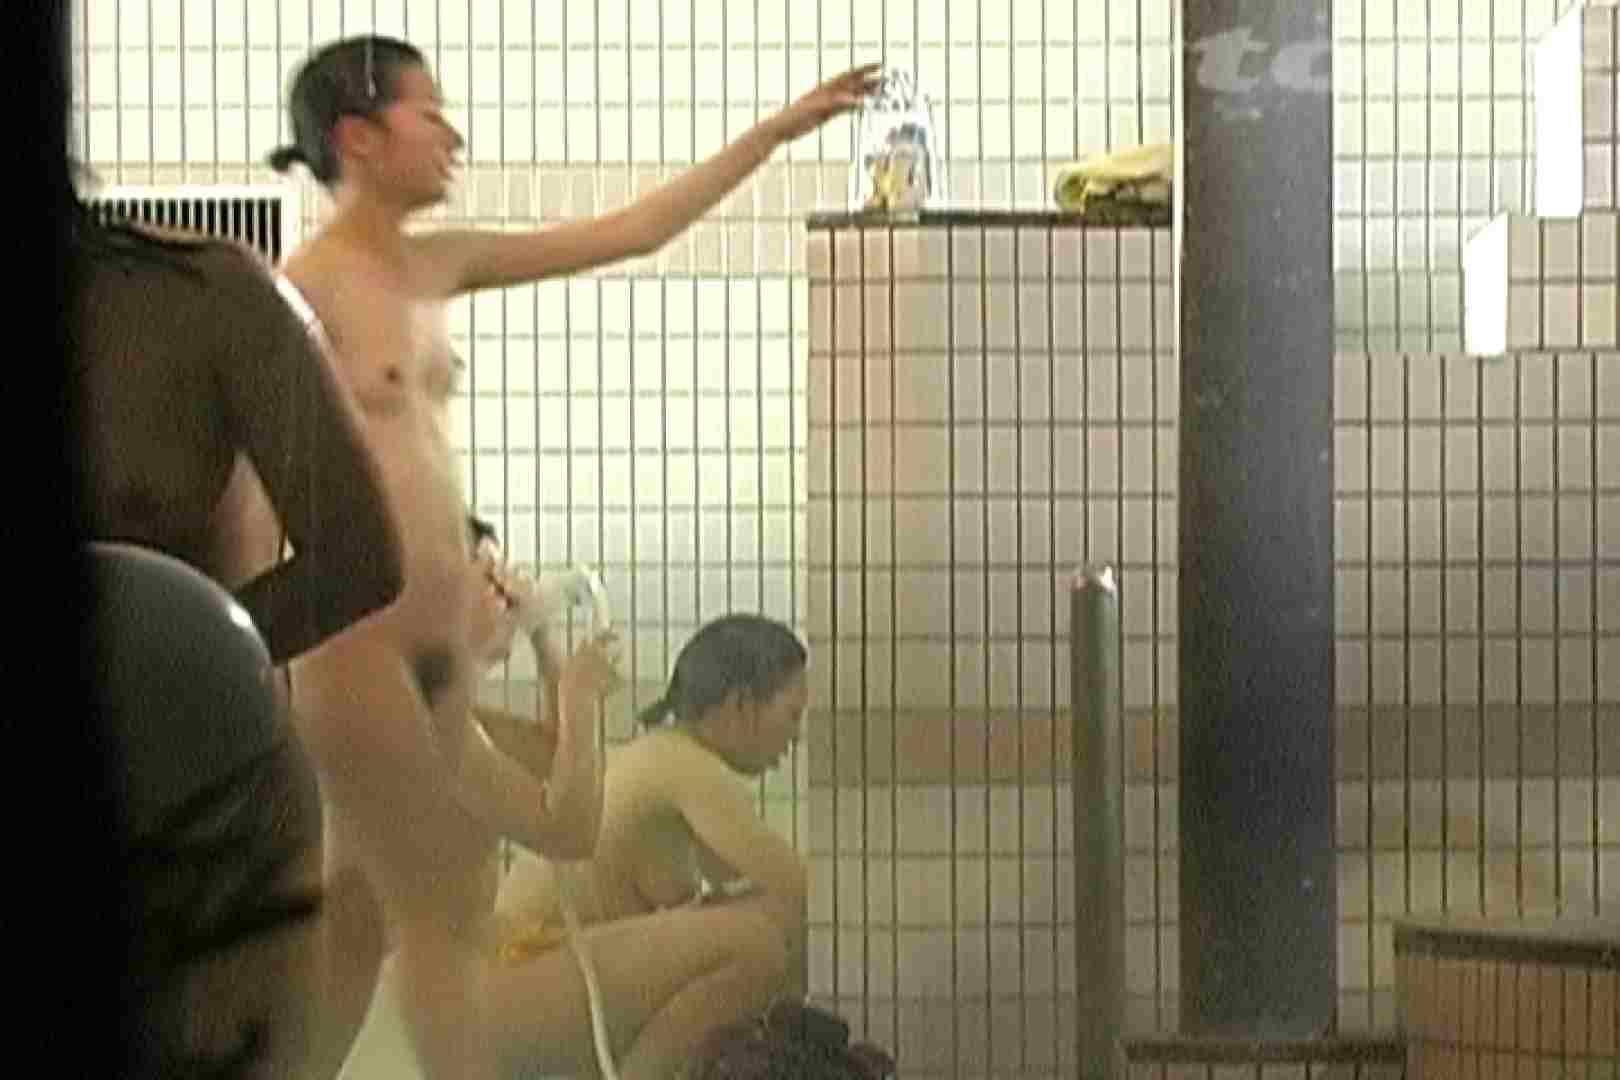 ▲復活限定▲合宿ホテル女風呂盗撮 Vol.28 OL女体 おめこ無修正動画無料 45連発 38